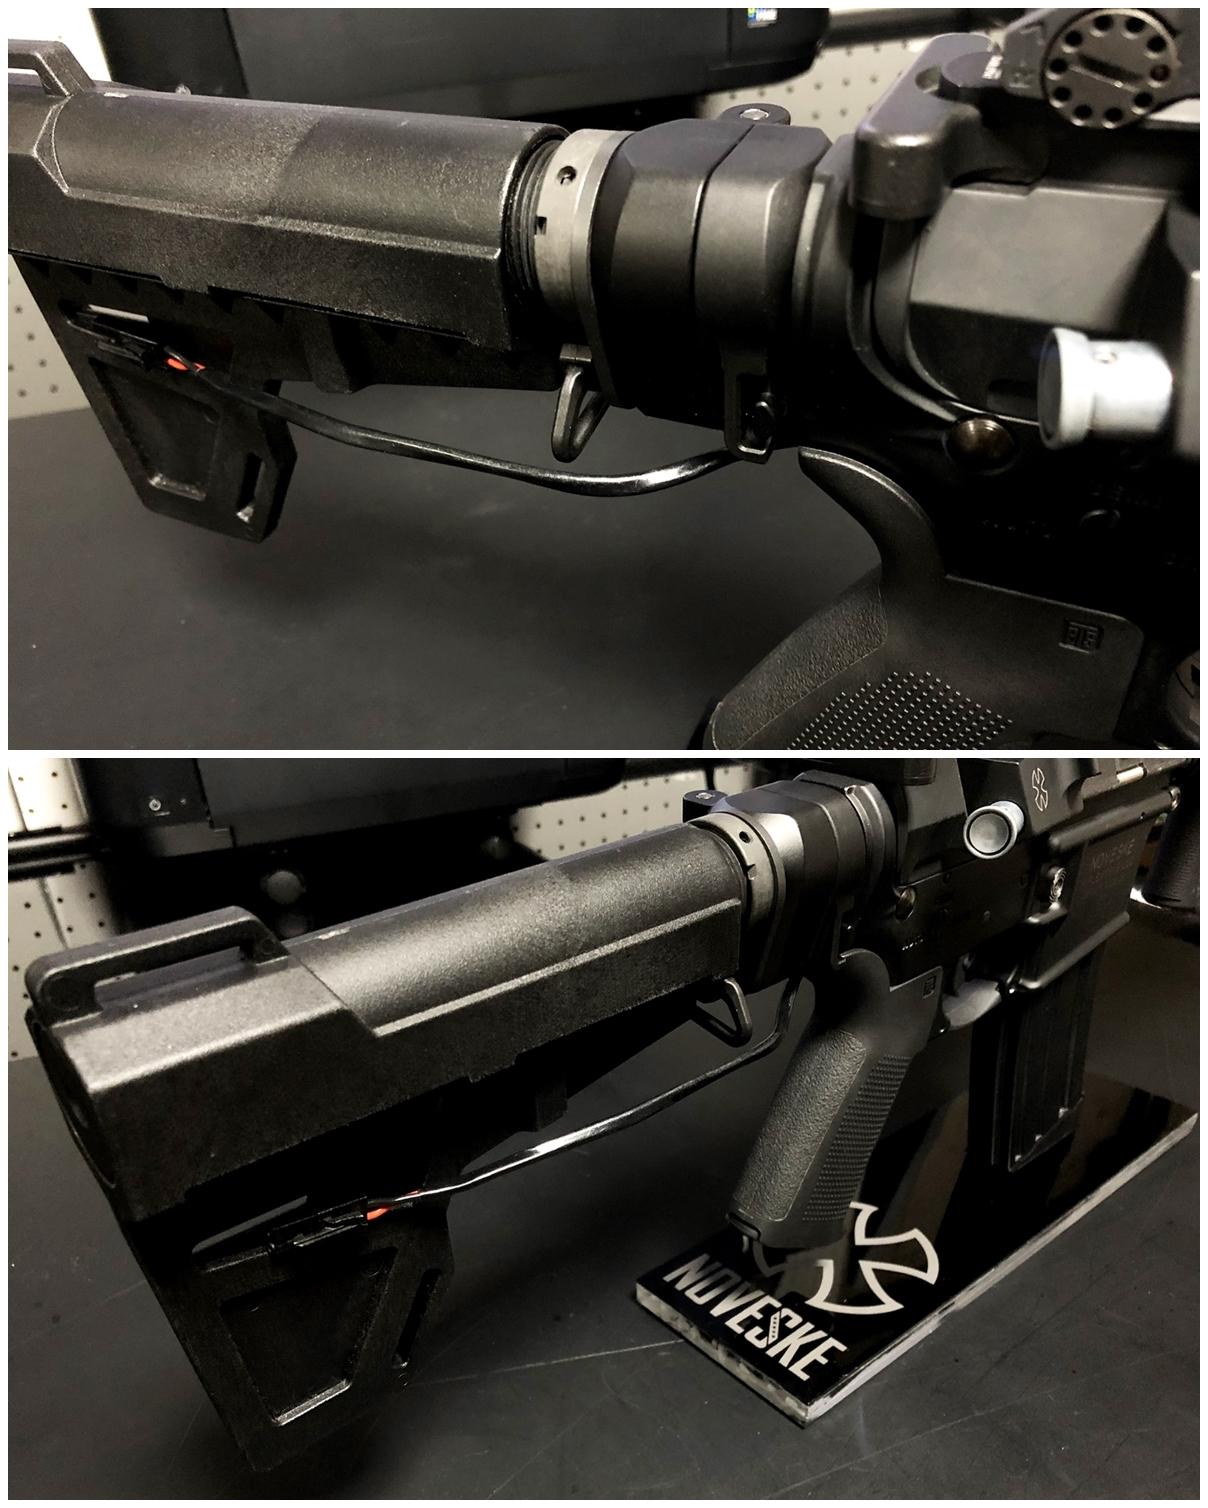 35 次世代 M4 CQB-R 電動ガン 実物 KAK SHOCKWAVE BLADE PISTOL AR-15 ストック 取付 改造 カスタム 大作戦 第7弾完結!! 最終 組み立て作業 & 初速 調整!! 実銃 ストックパイプ AR フォールディング 取付 リコイル